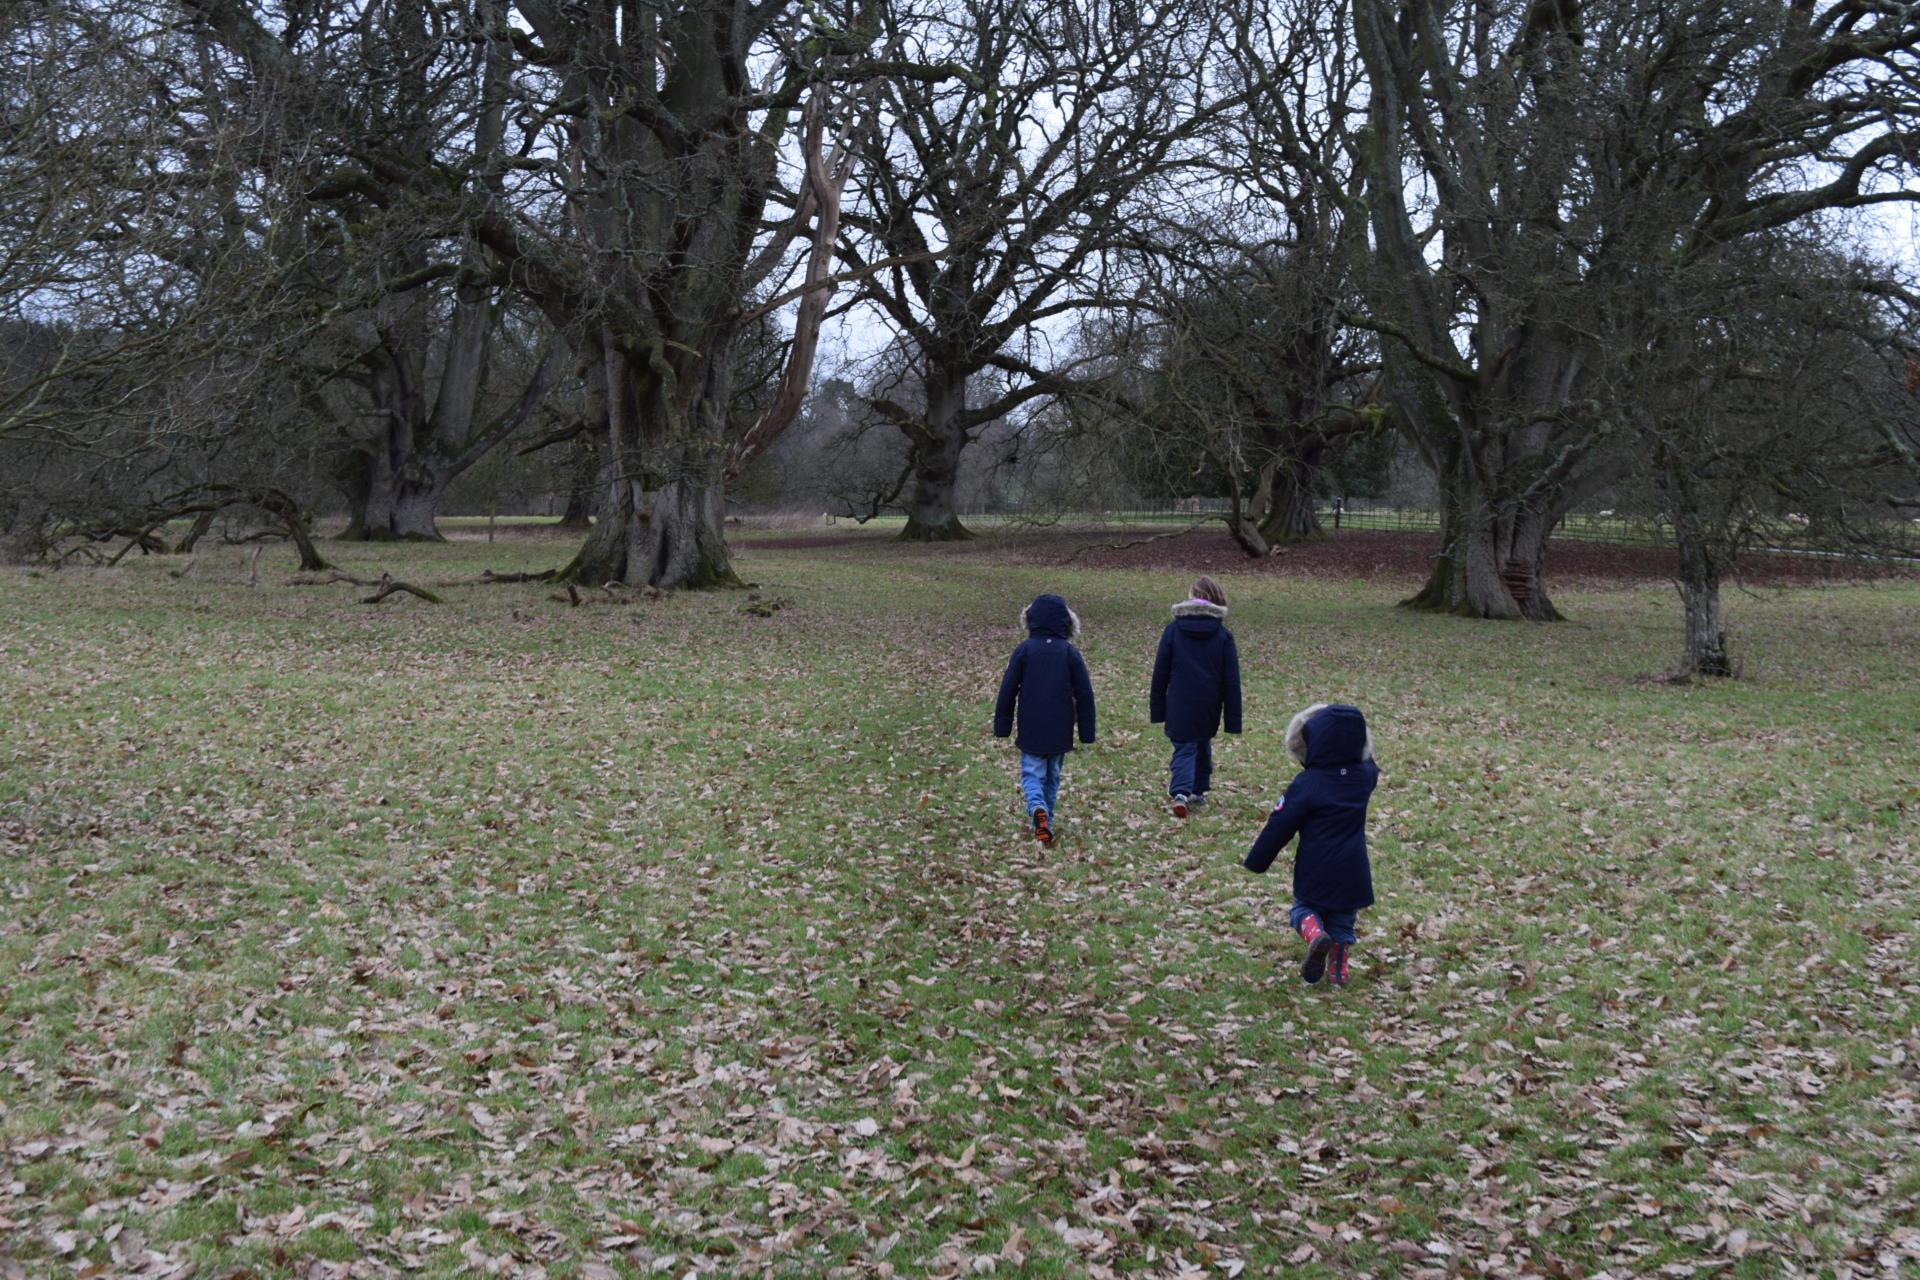 Millets coats